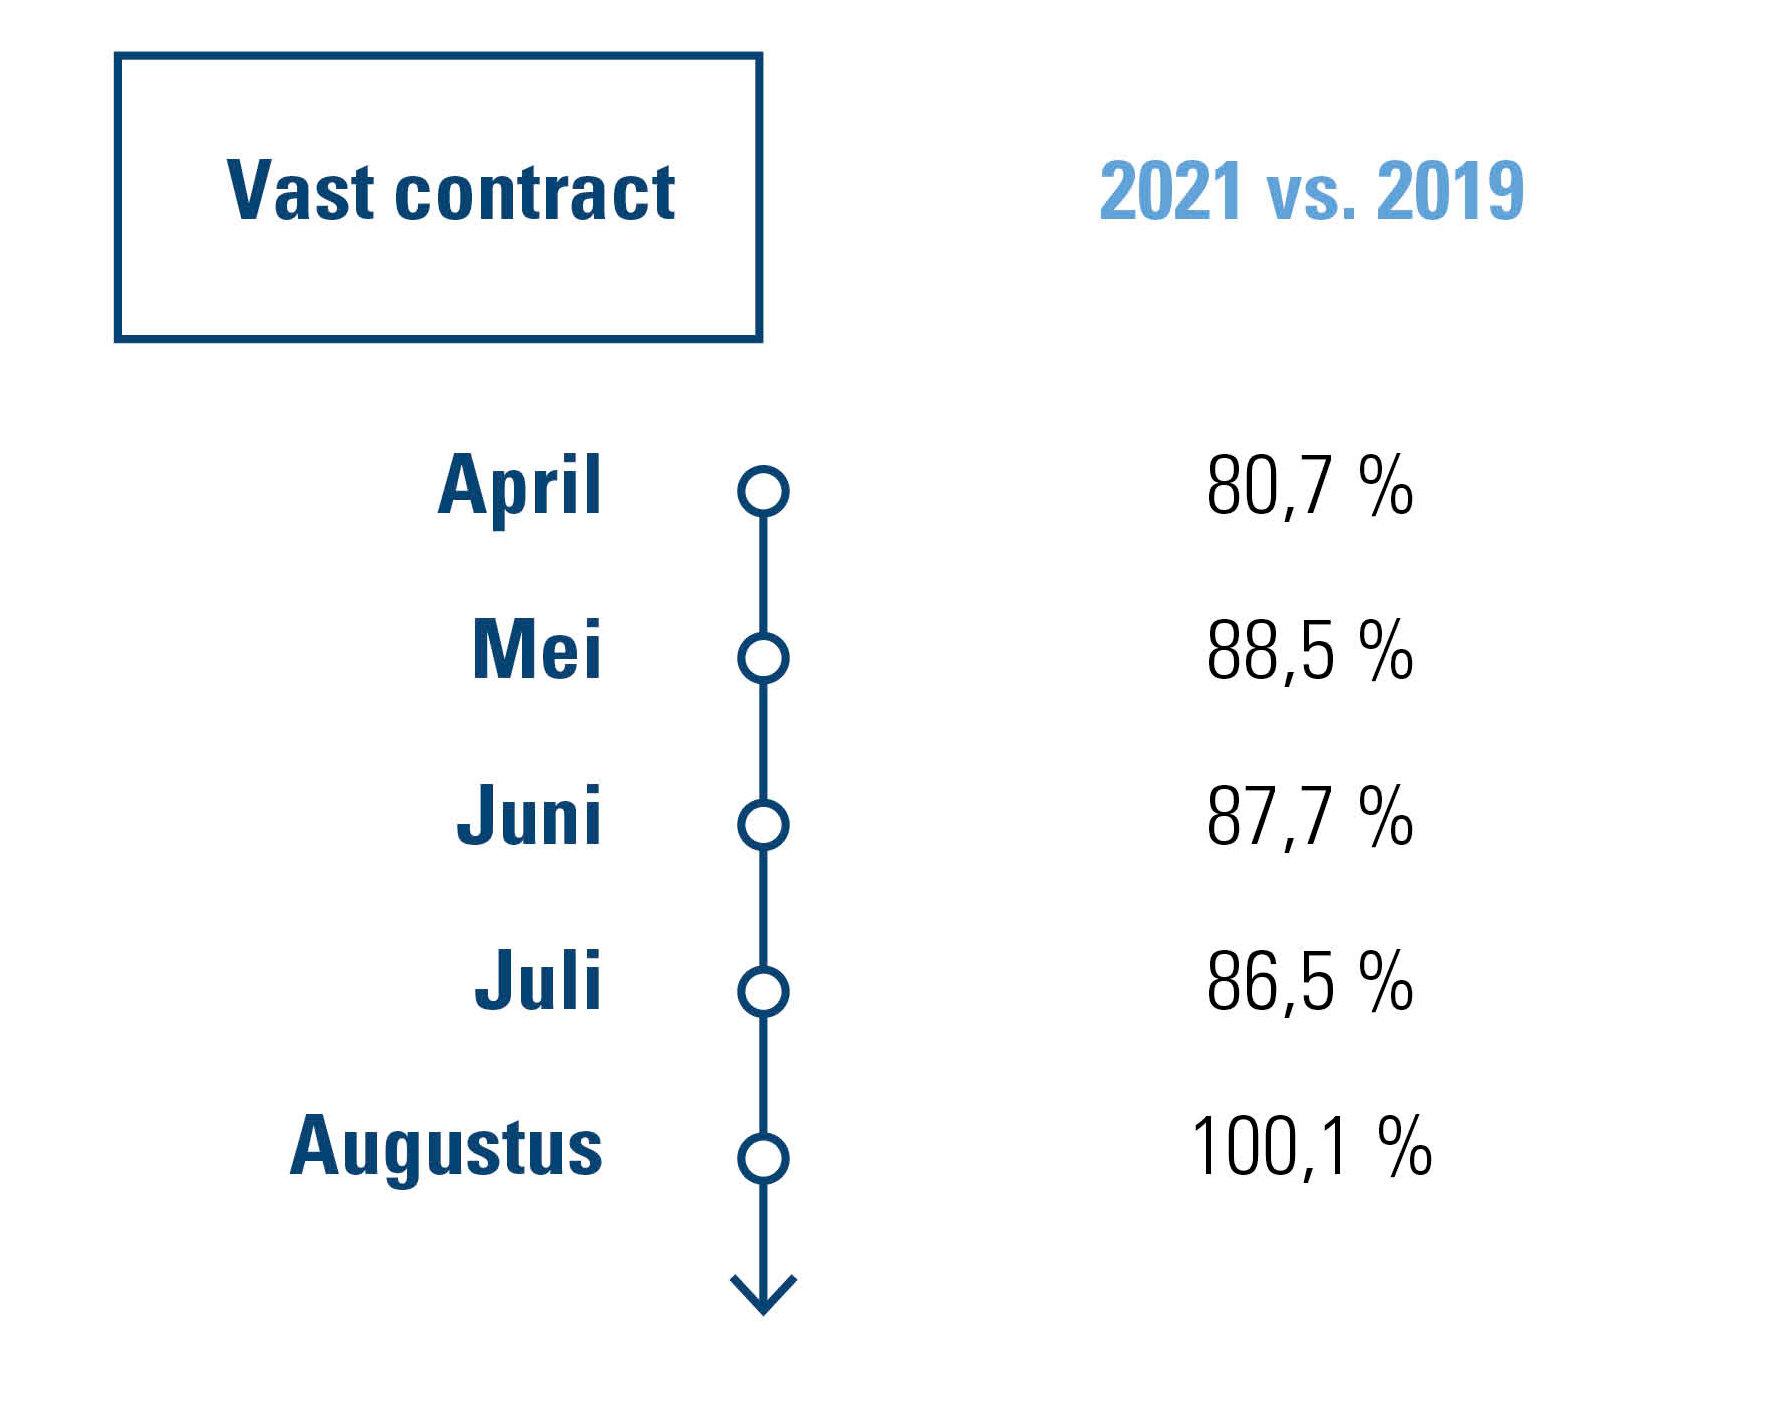 Vaste contracten – onbepaalde en bepaalde duur - Belgische eet- en drankgelegenheden 2021 vs. 2019